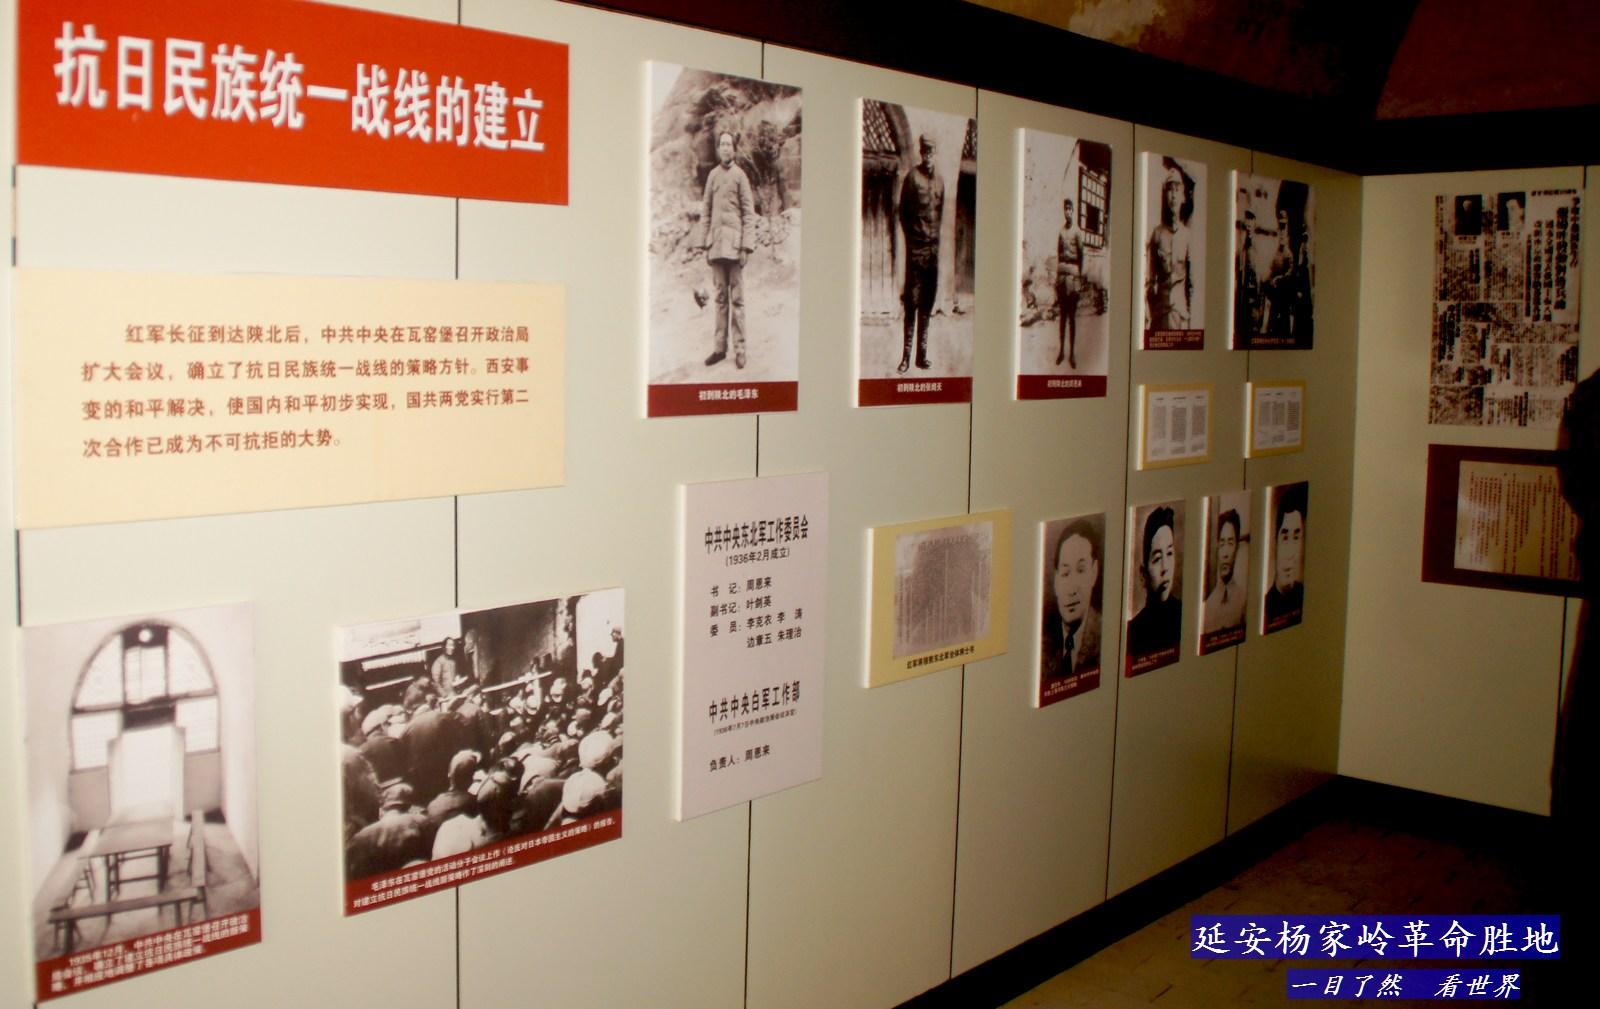 延安杨家岭革命胜地---68-1600.jpg